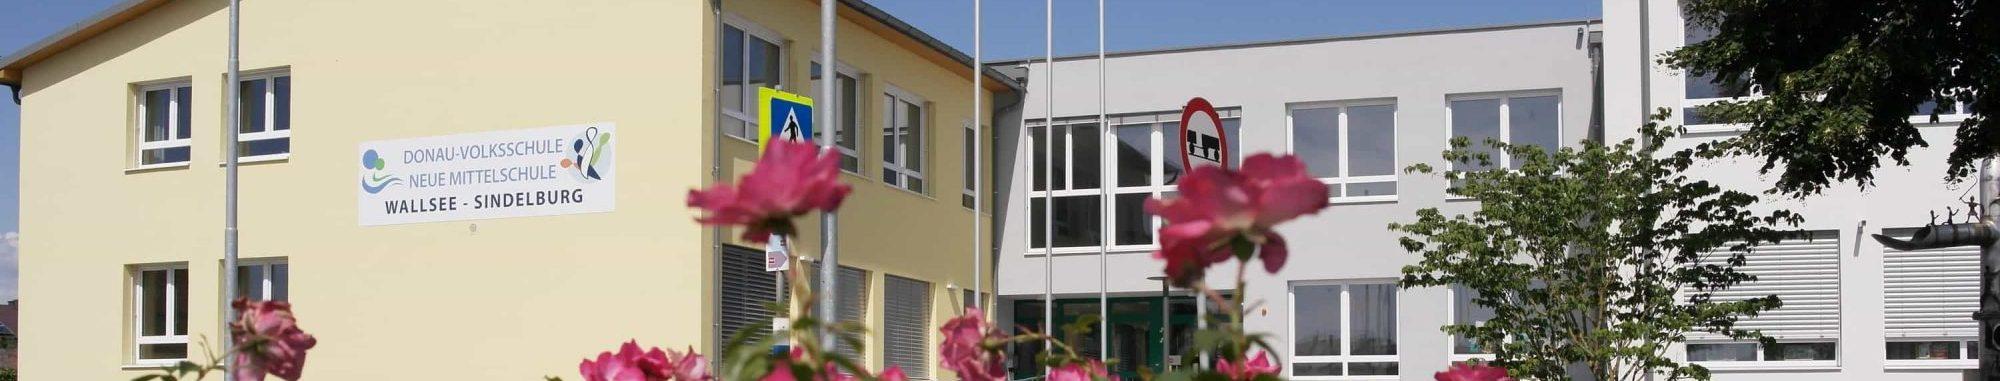 NÖ Mittelschule Wallsee-Sindelburg